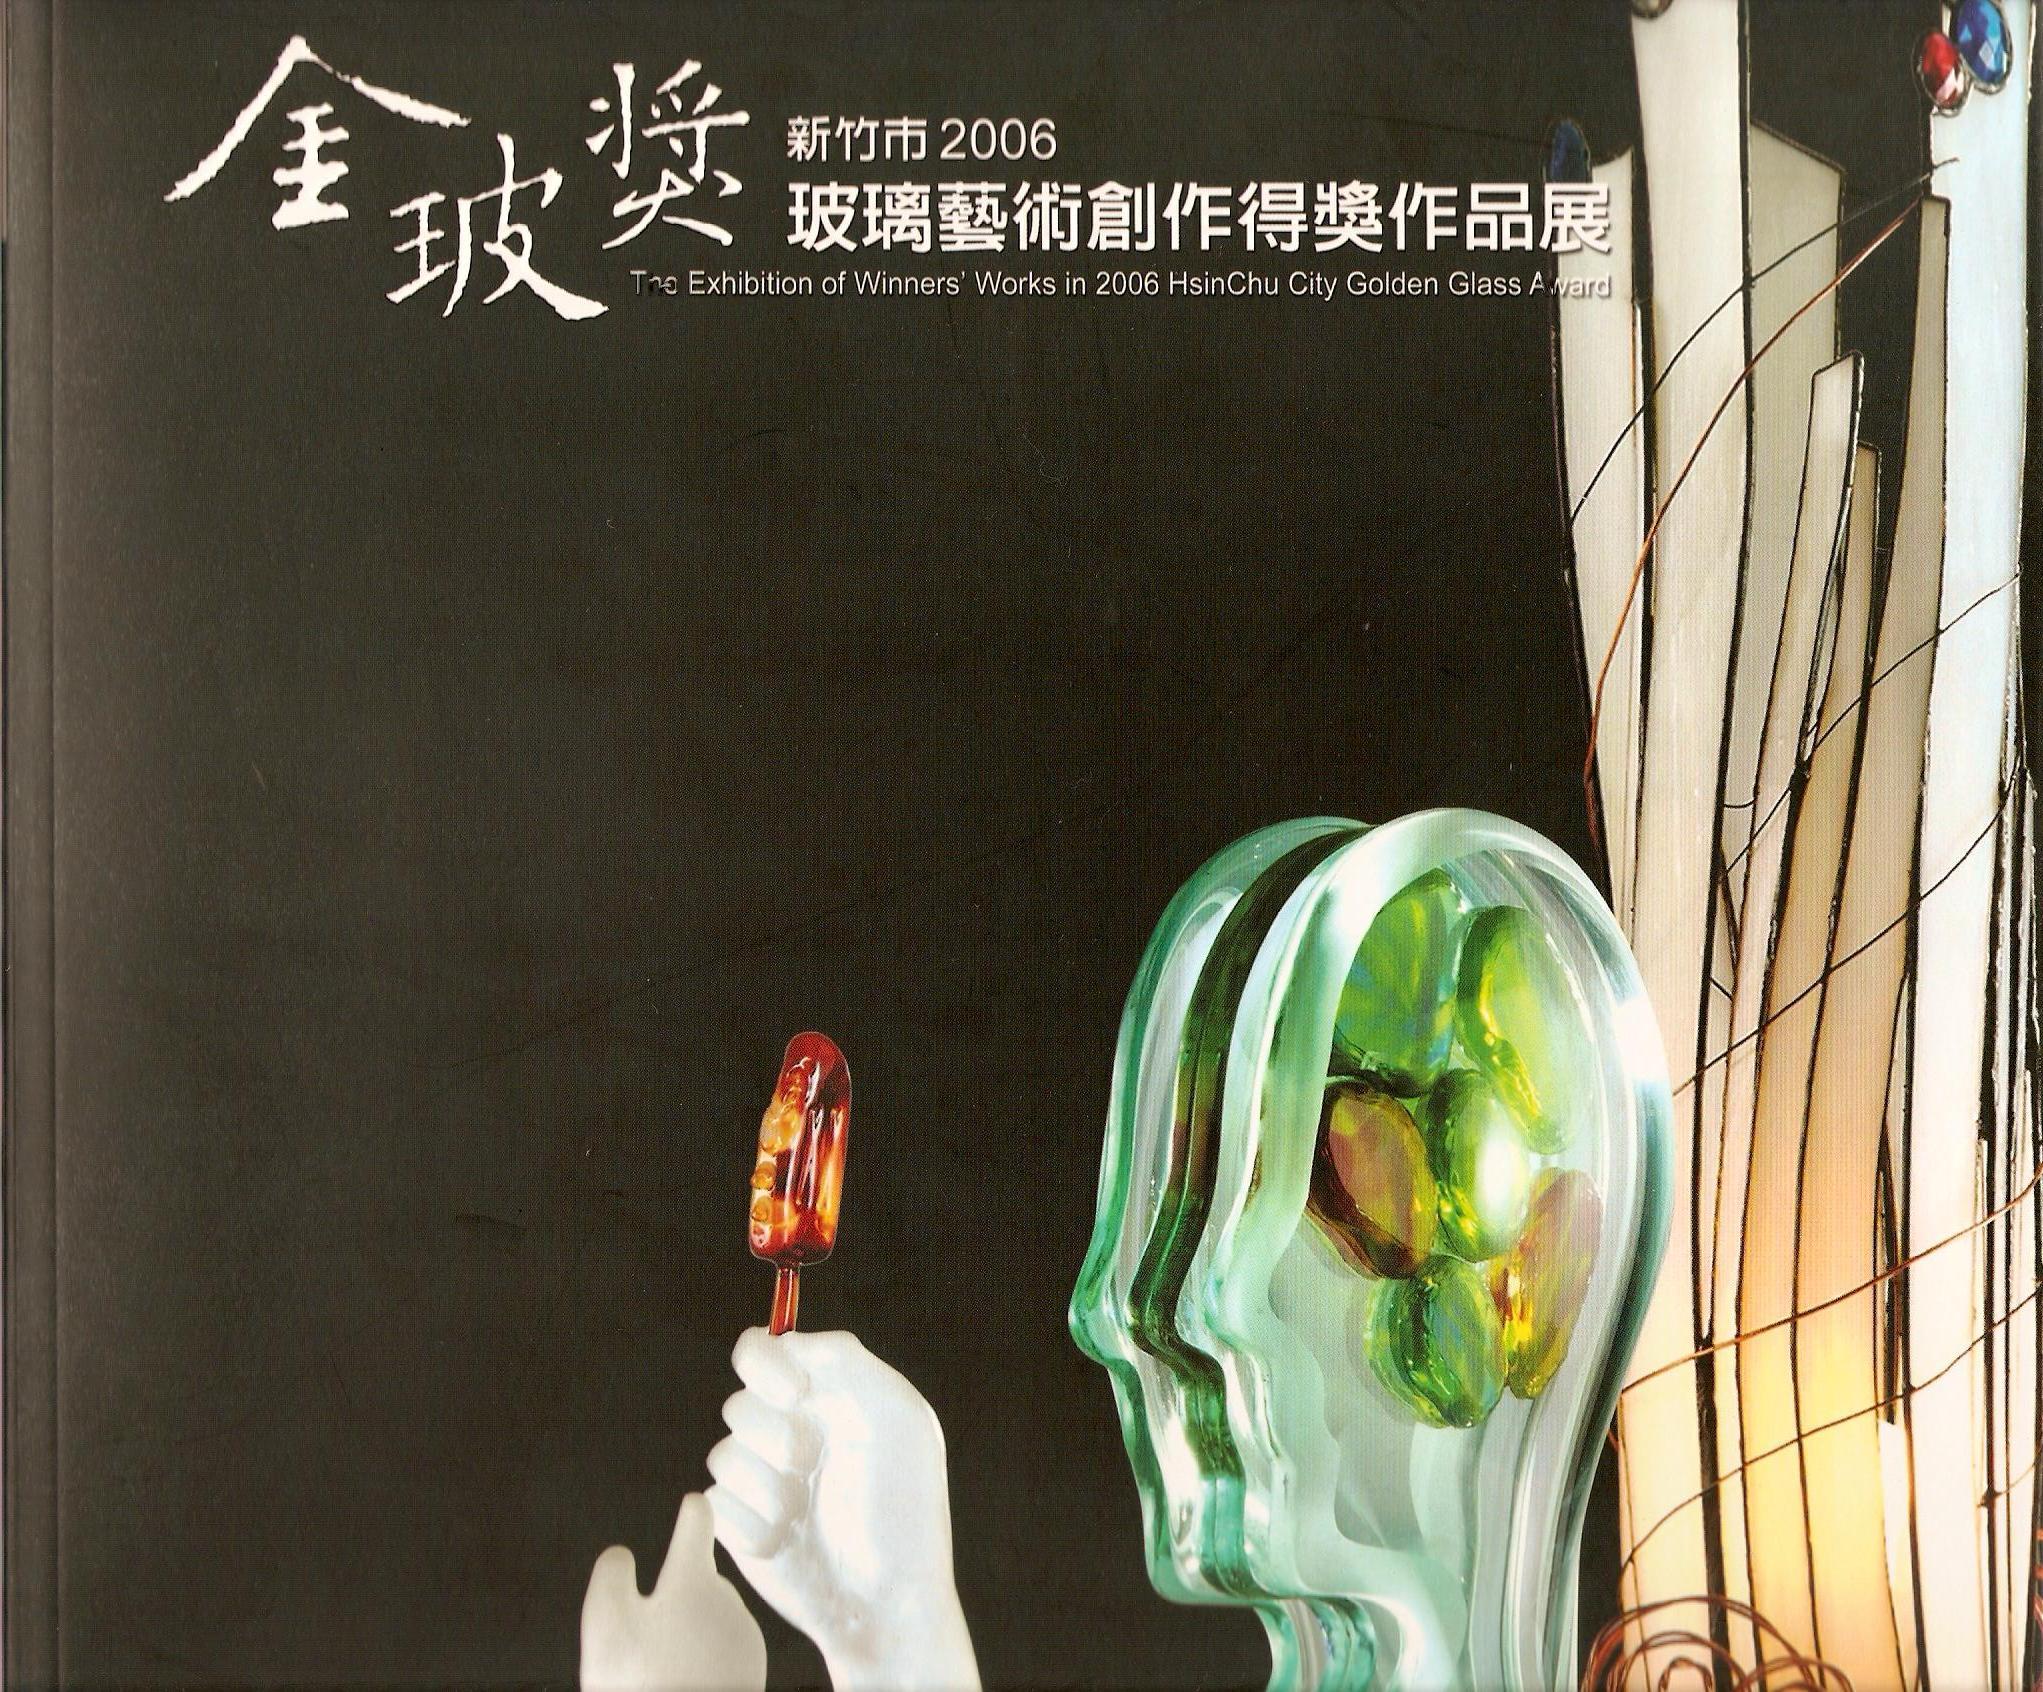 新竹市2006 金玻獎 玻璃藝術創作得獎作品展